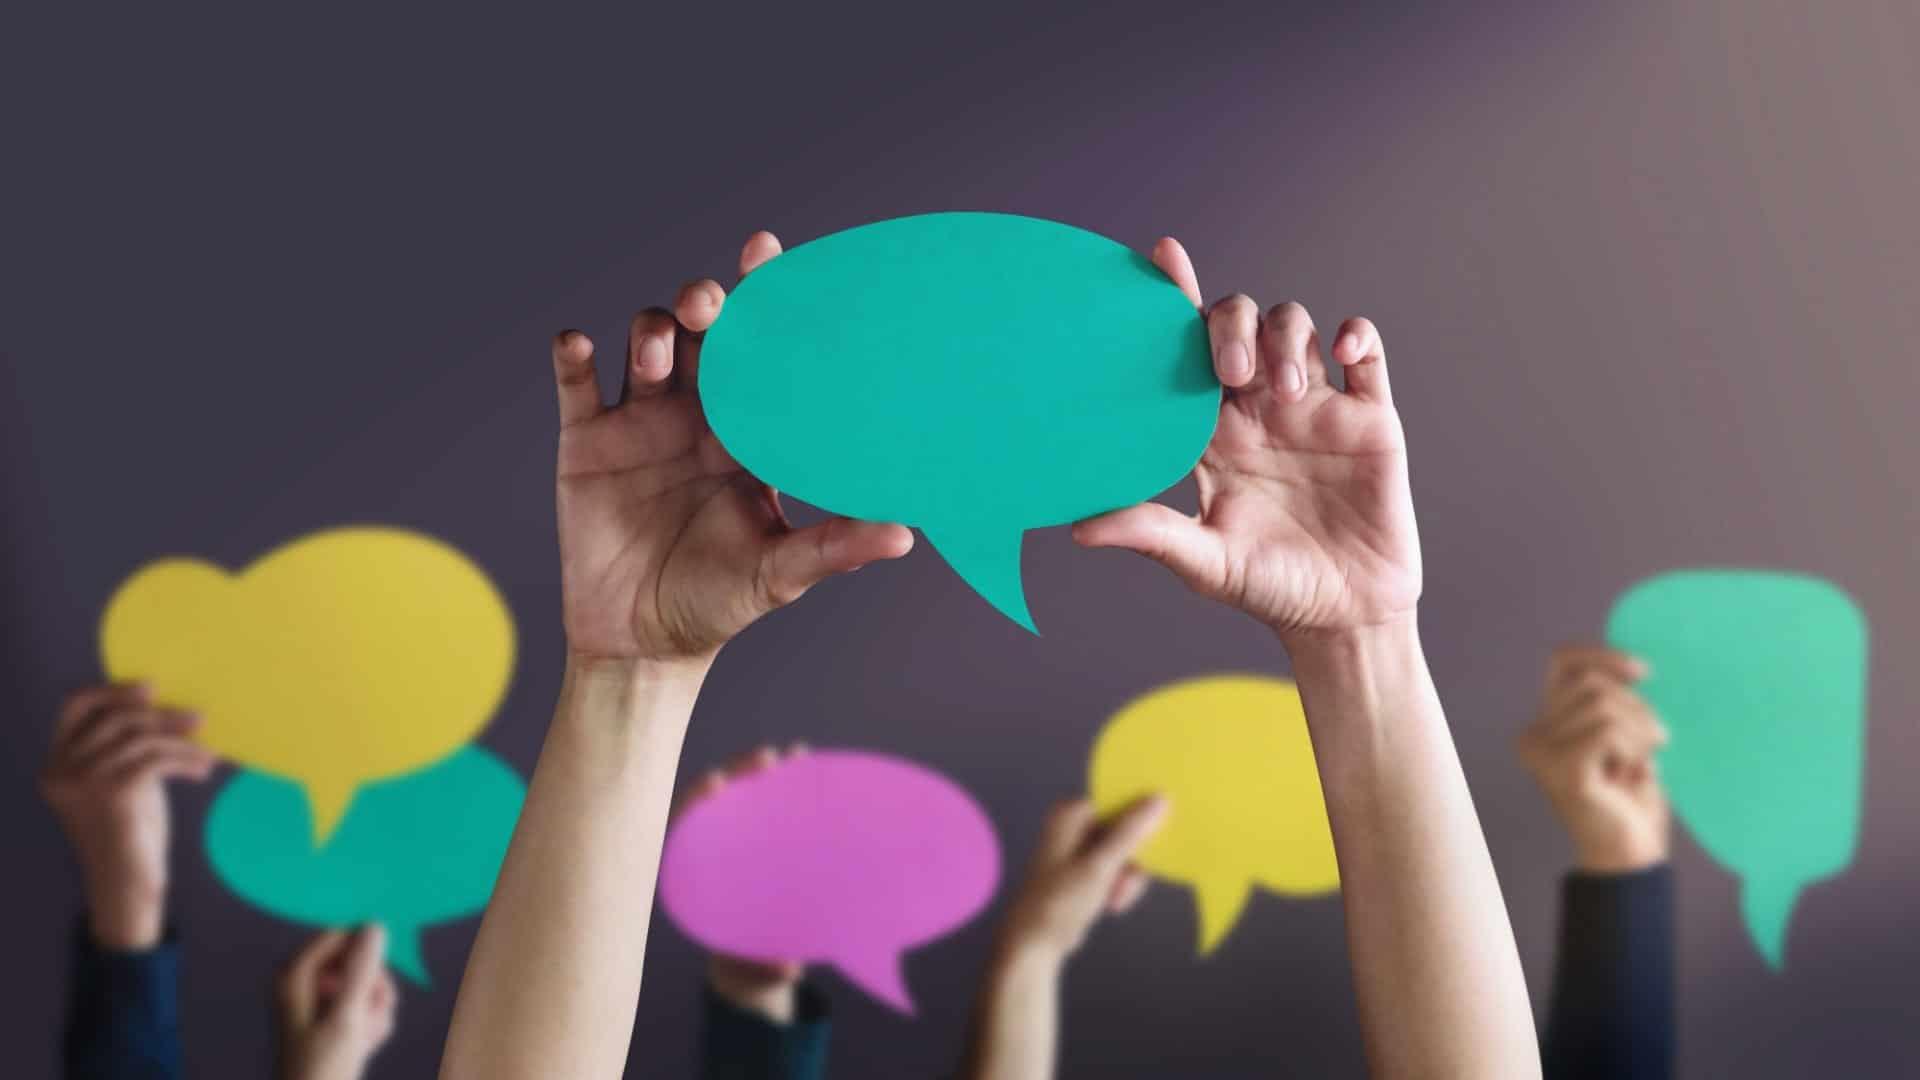 Kommunikationswege erklärt